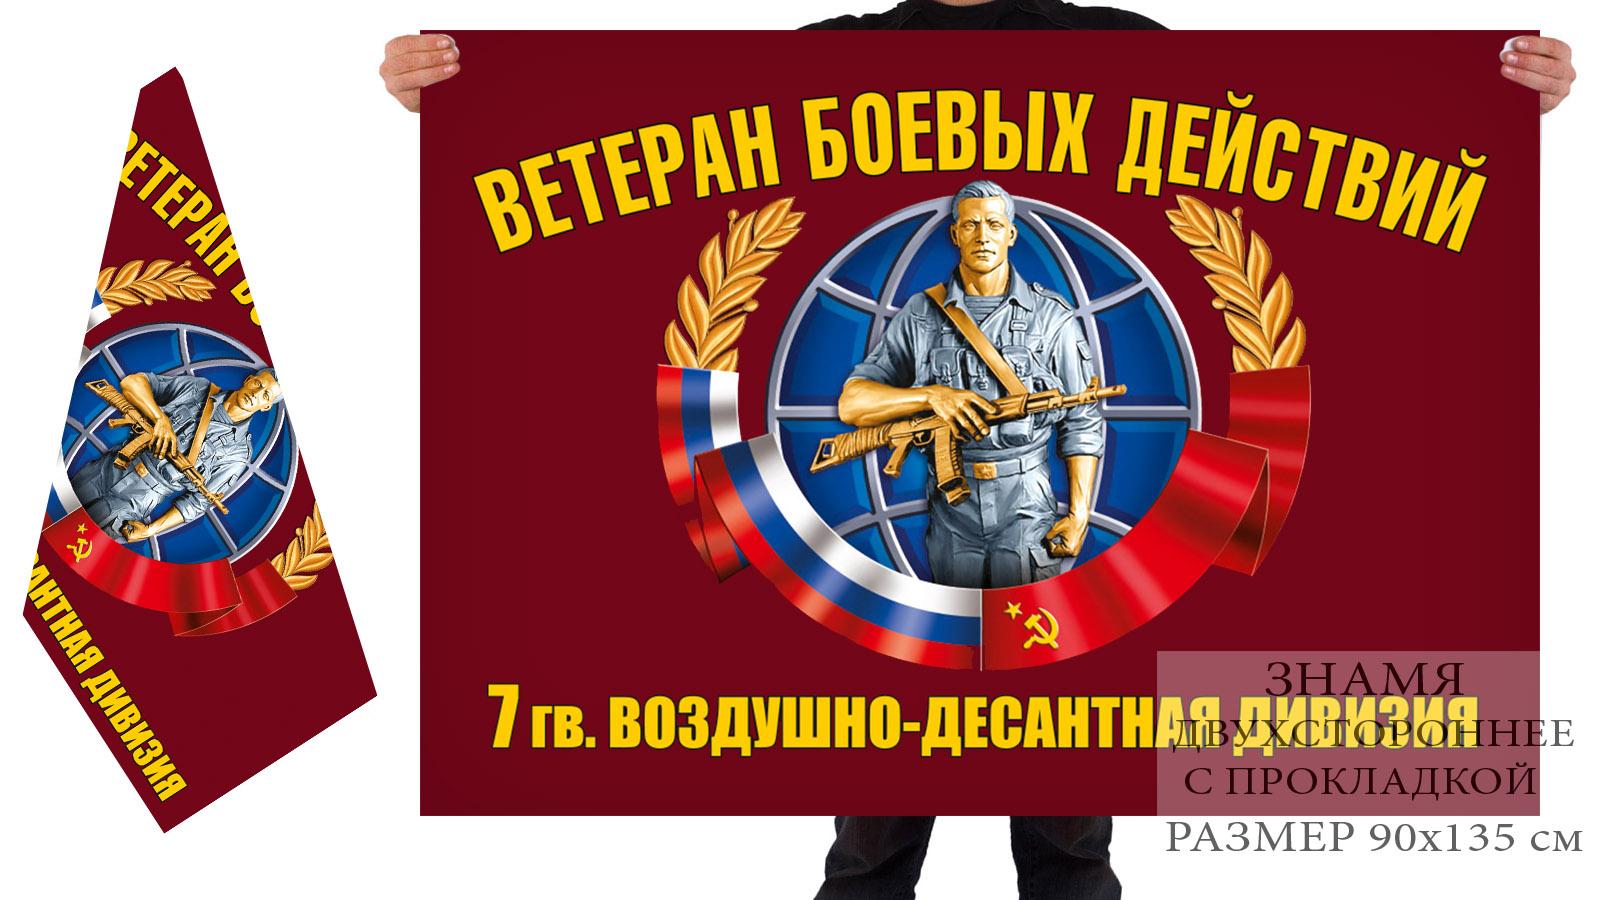 Двусторонний флаг ветеранов боевых действий 7 гв. ВДД